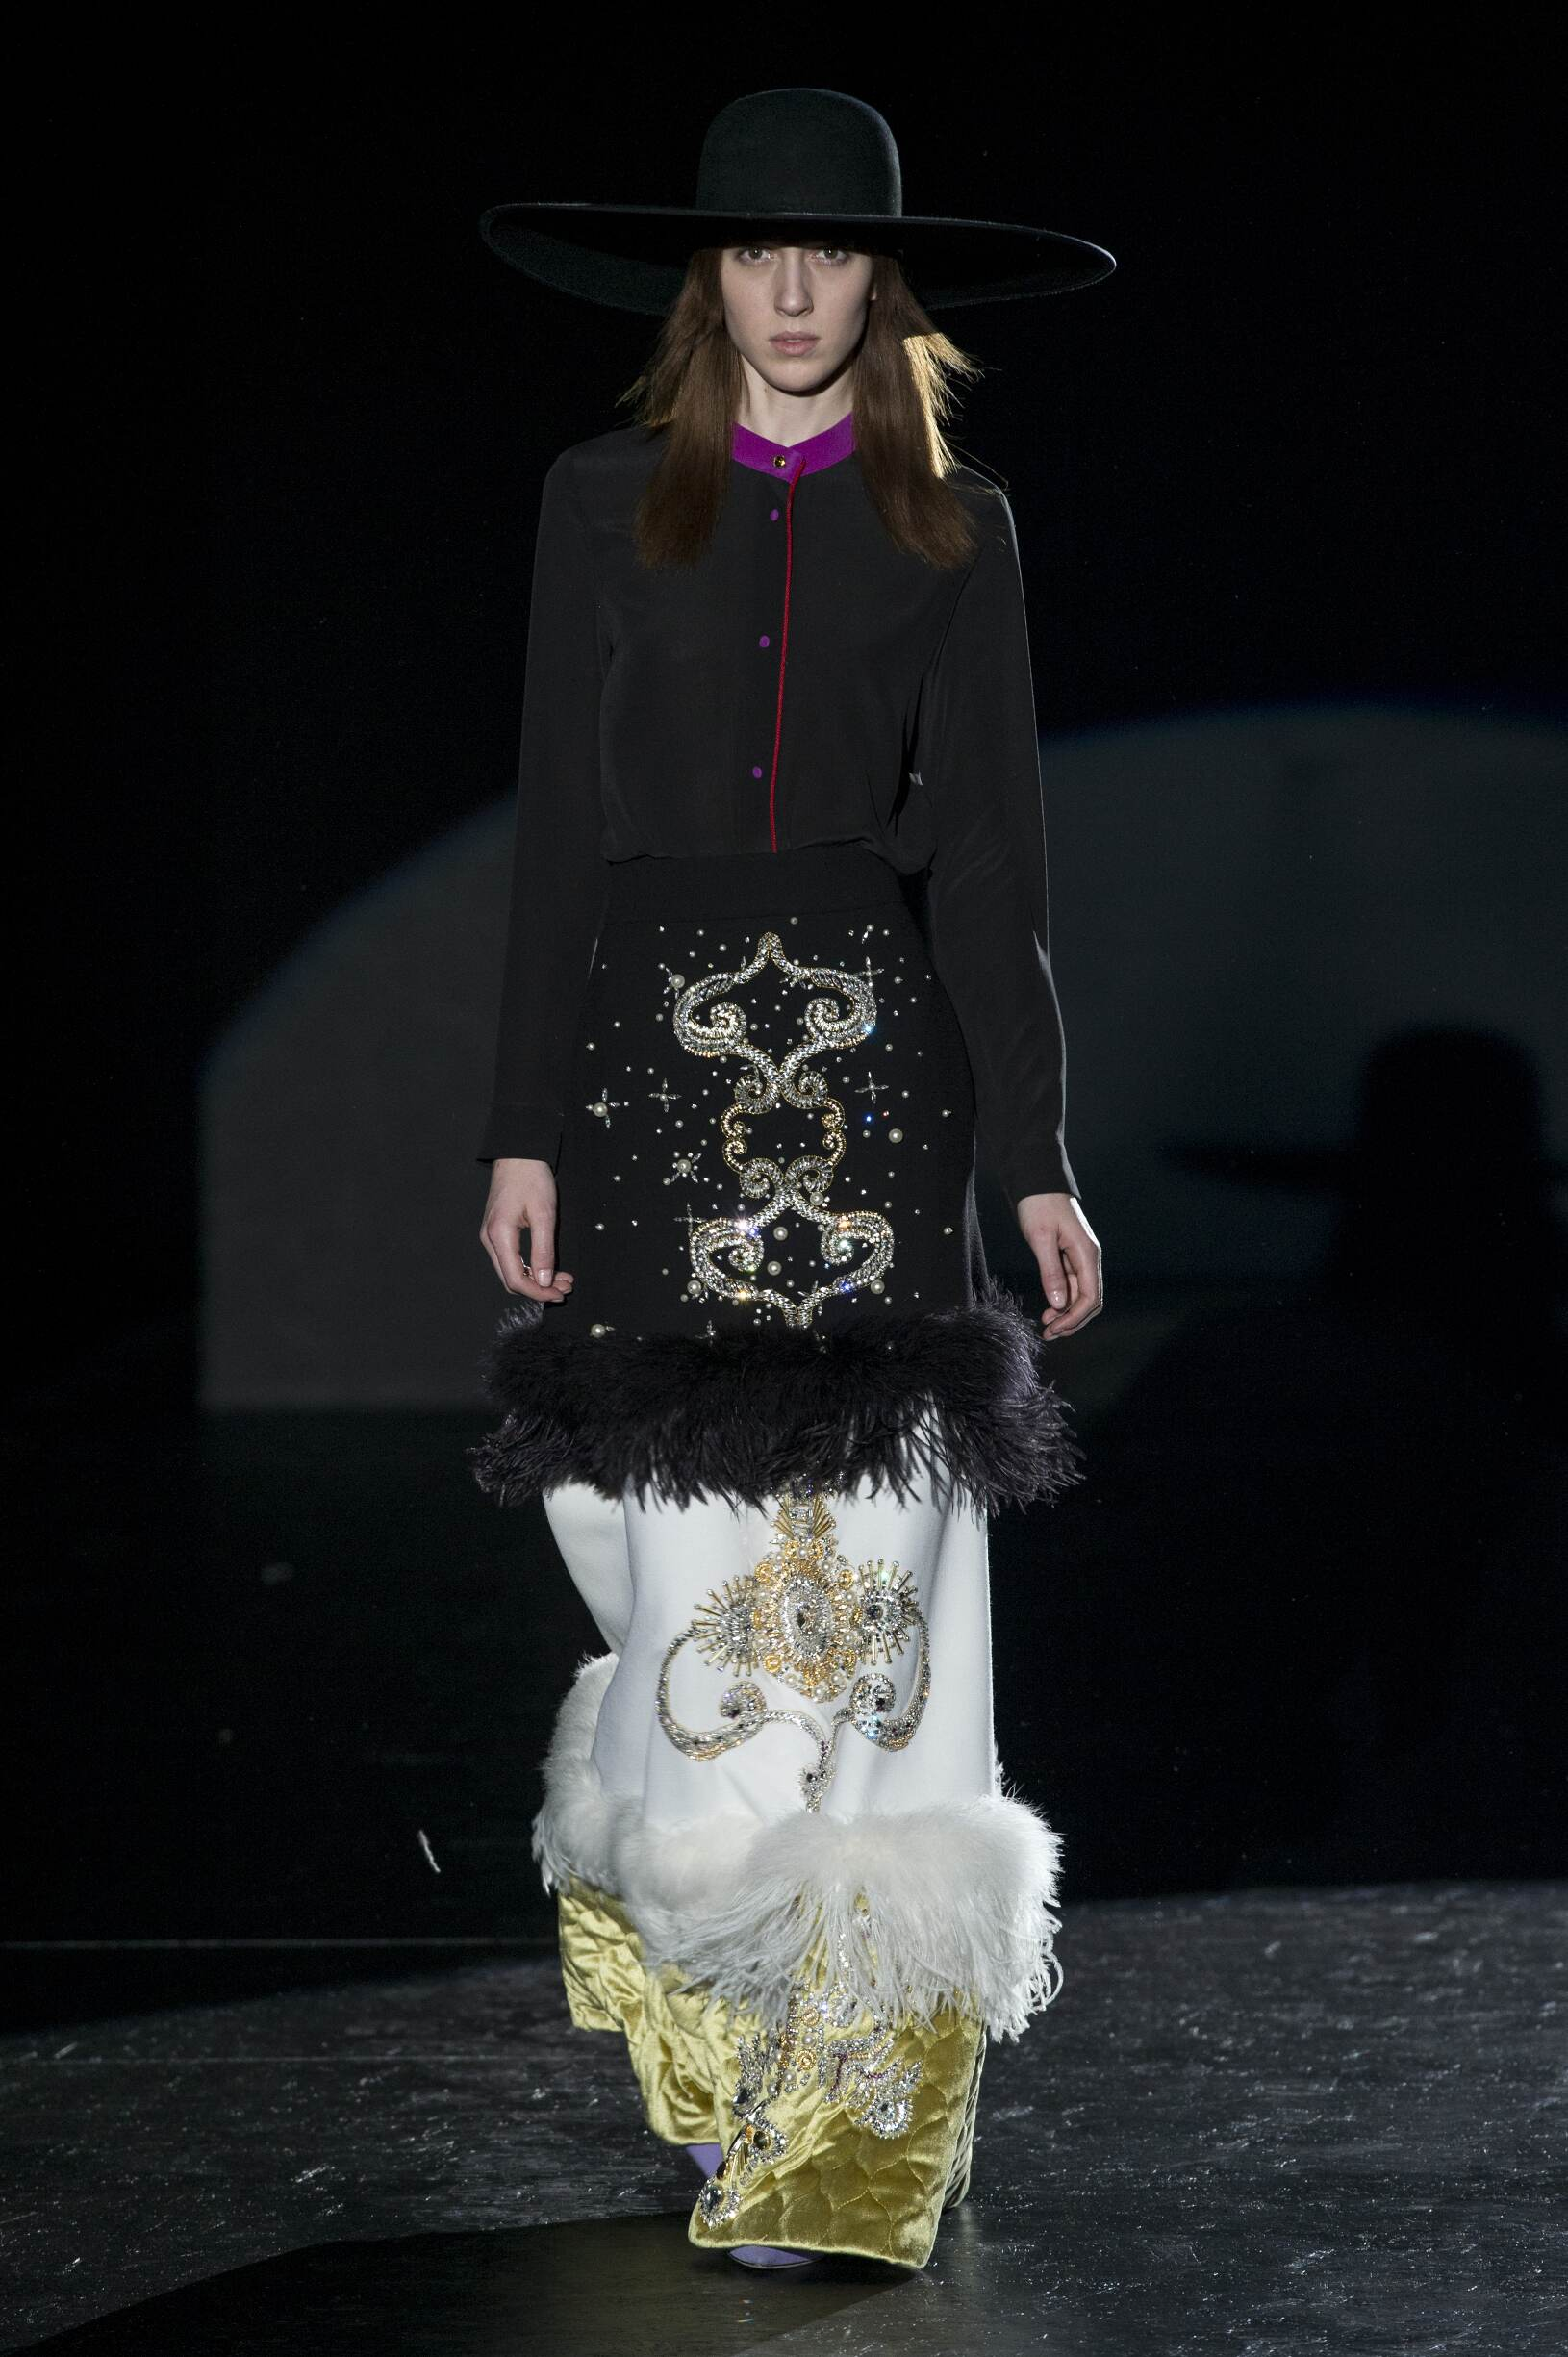 2017-18 Catwalk Fausto Puglisi Woman Fashion Show Winter